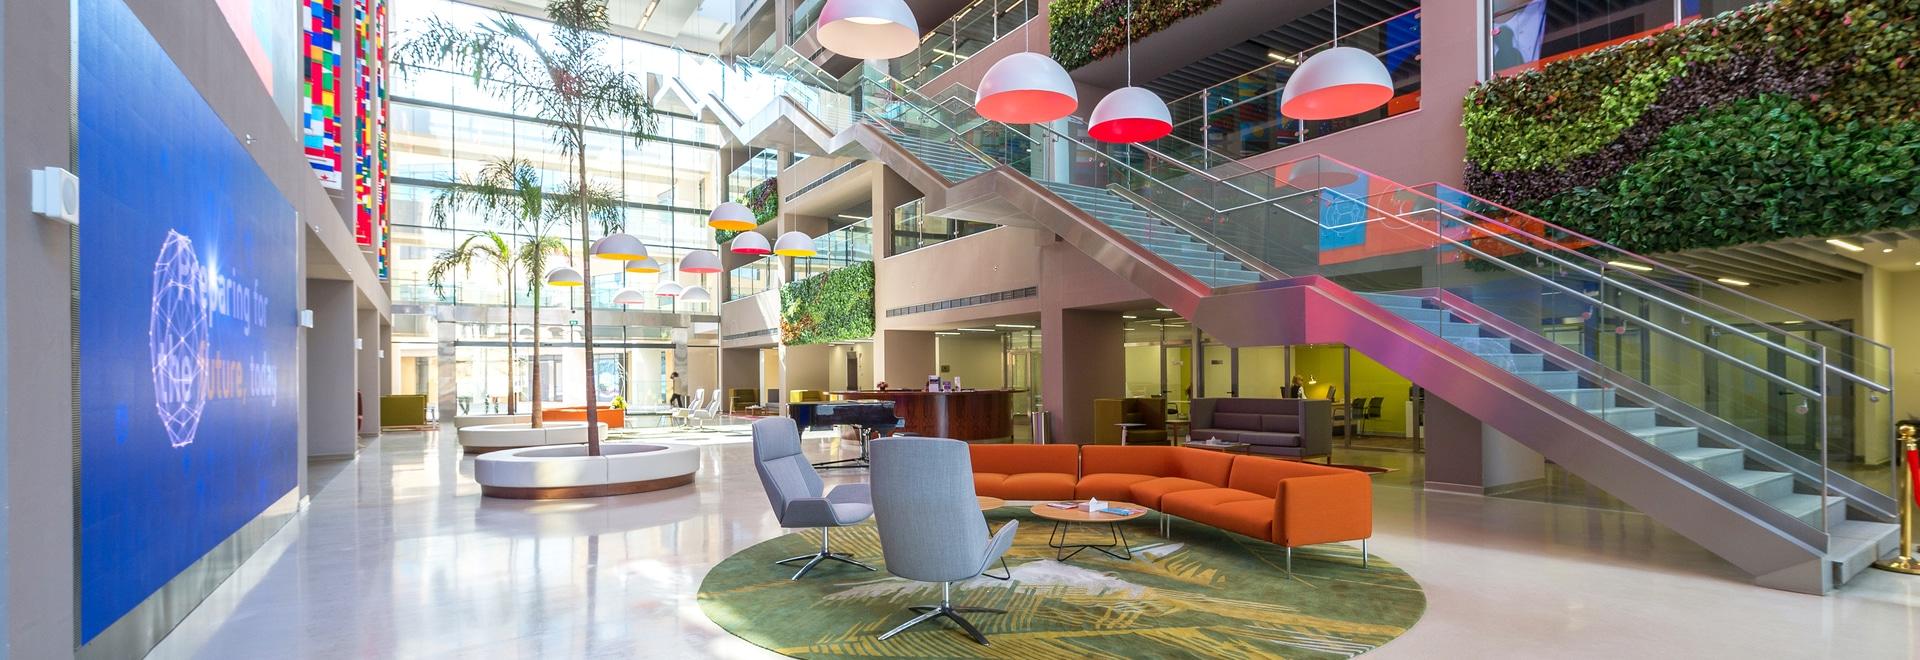 Gems Nations Academy Dubai